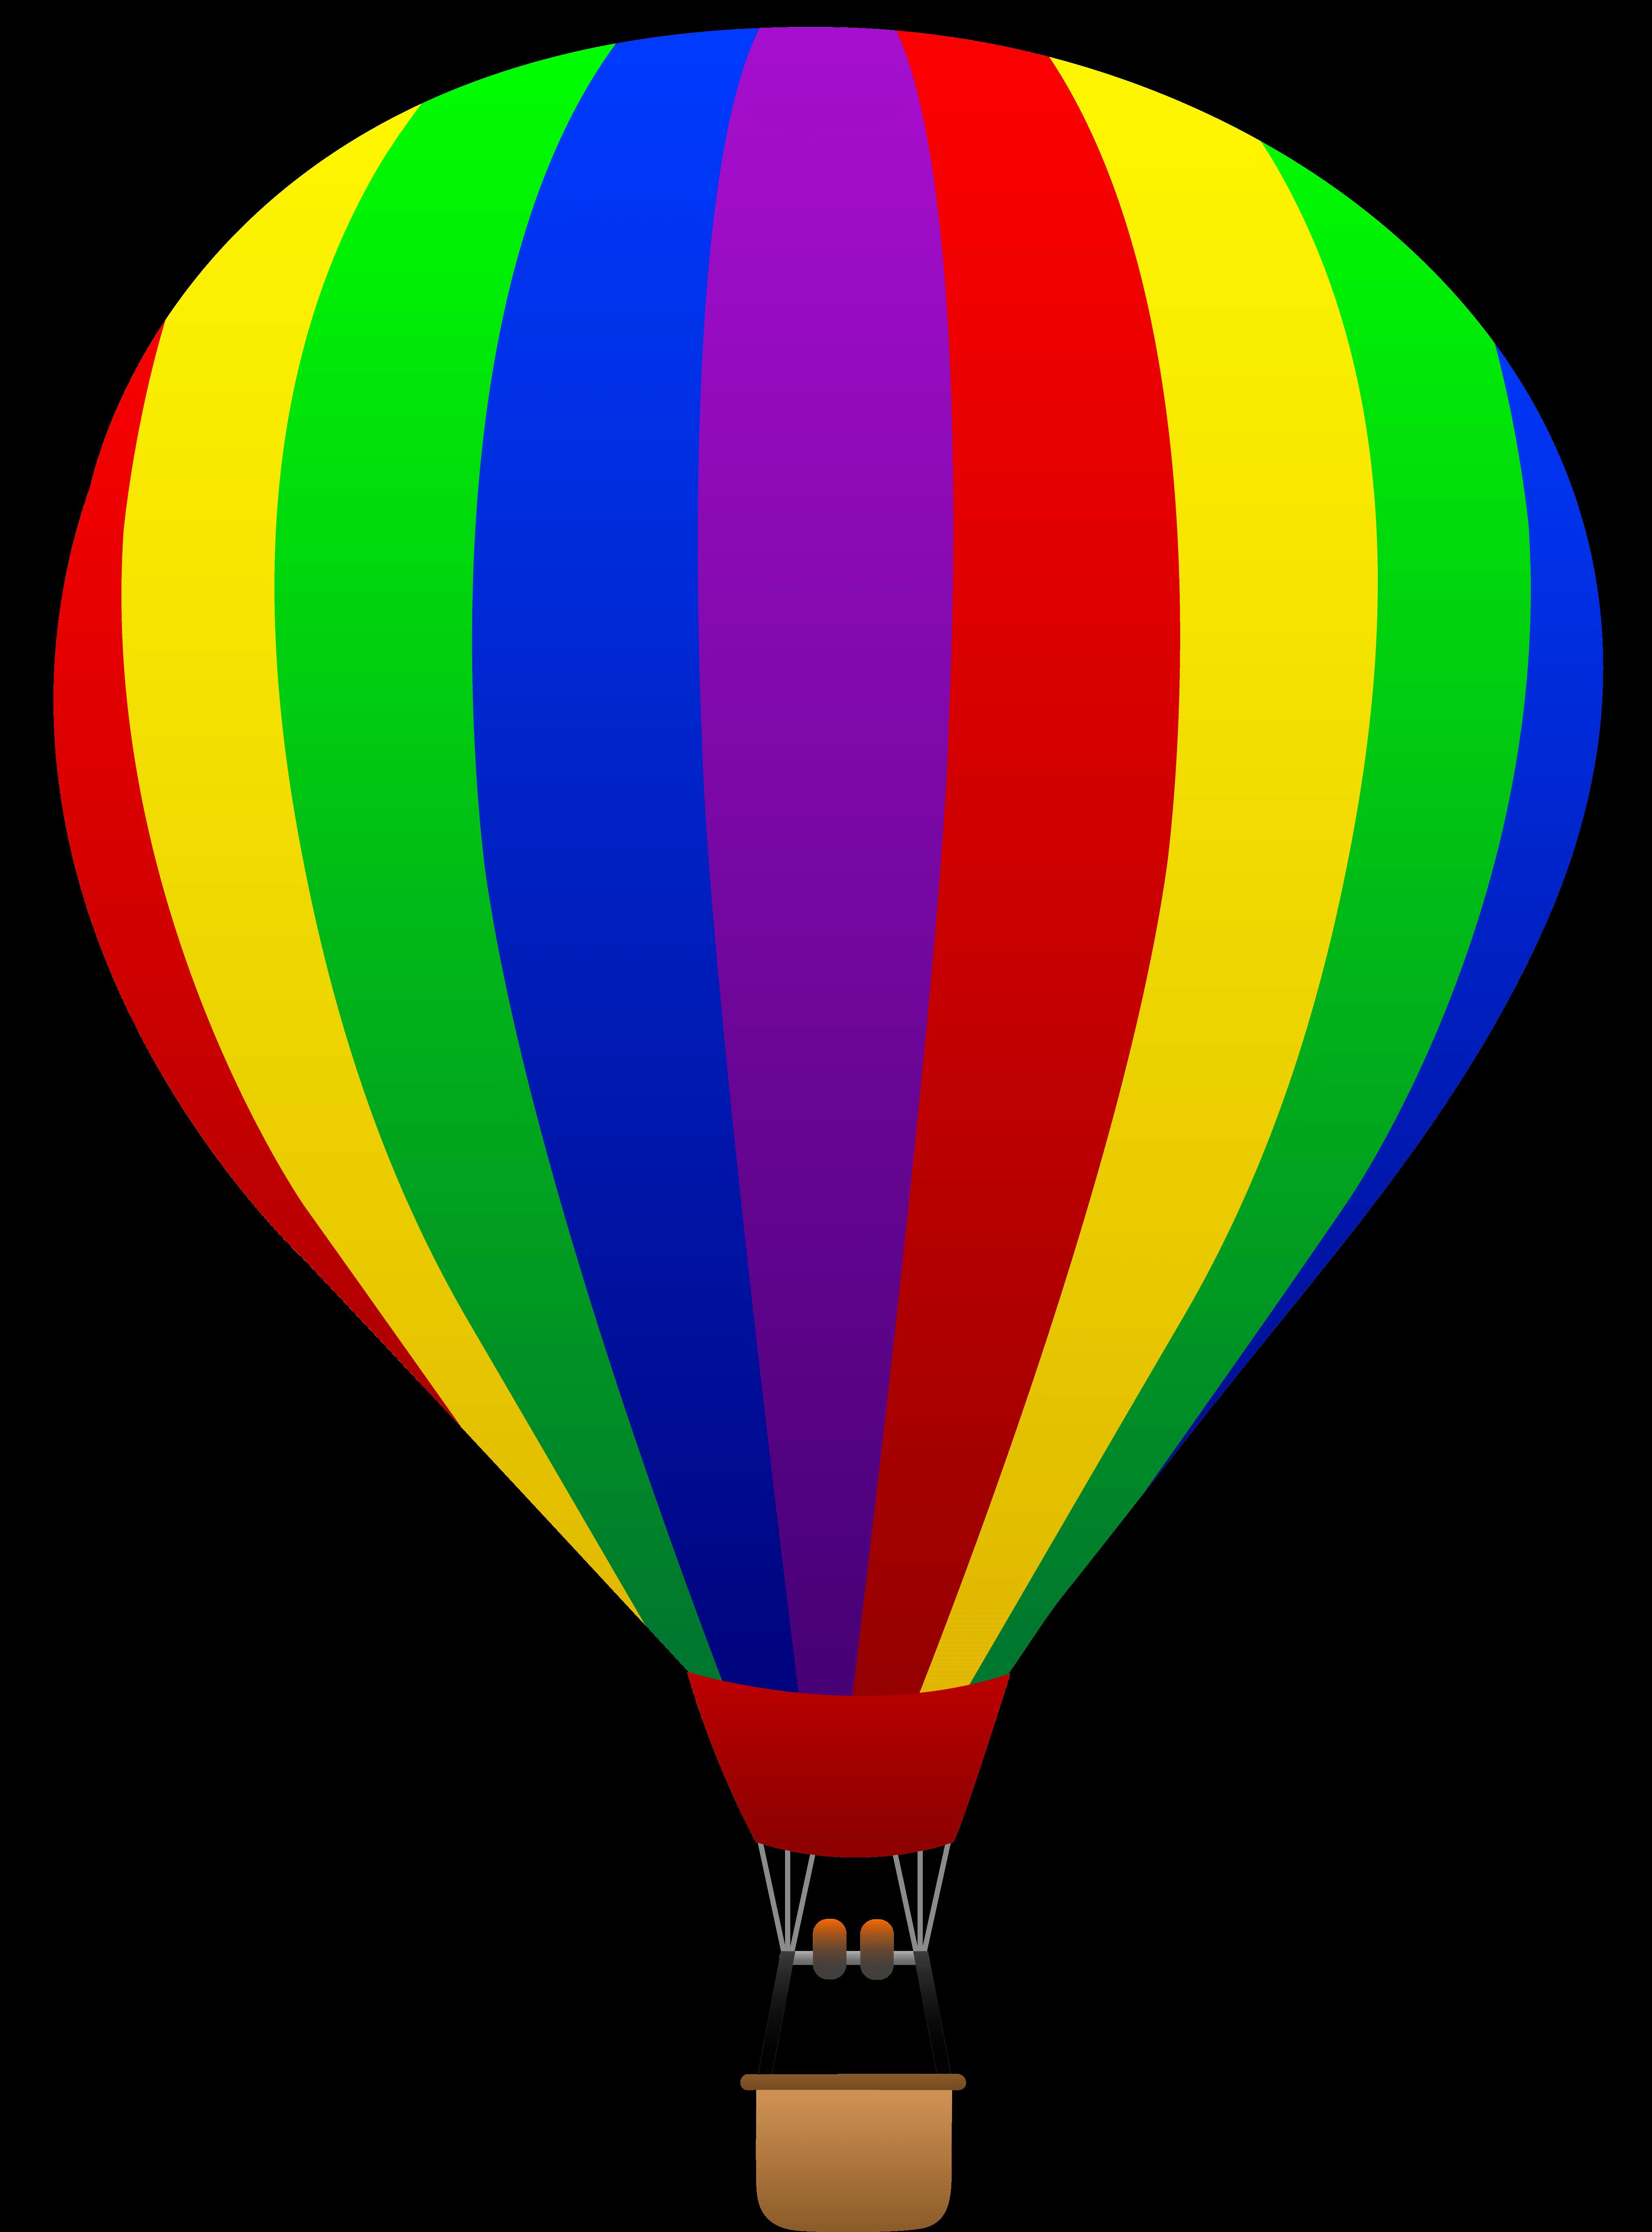 Parachute images clipart clip art transparent download Rainbow Parachute Clipart - Parachute Clipart (#1468278) - HD ... clip art transparent download